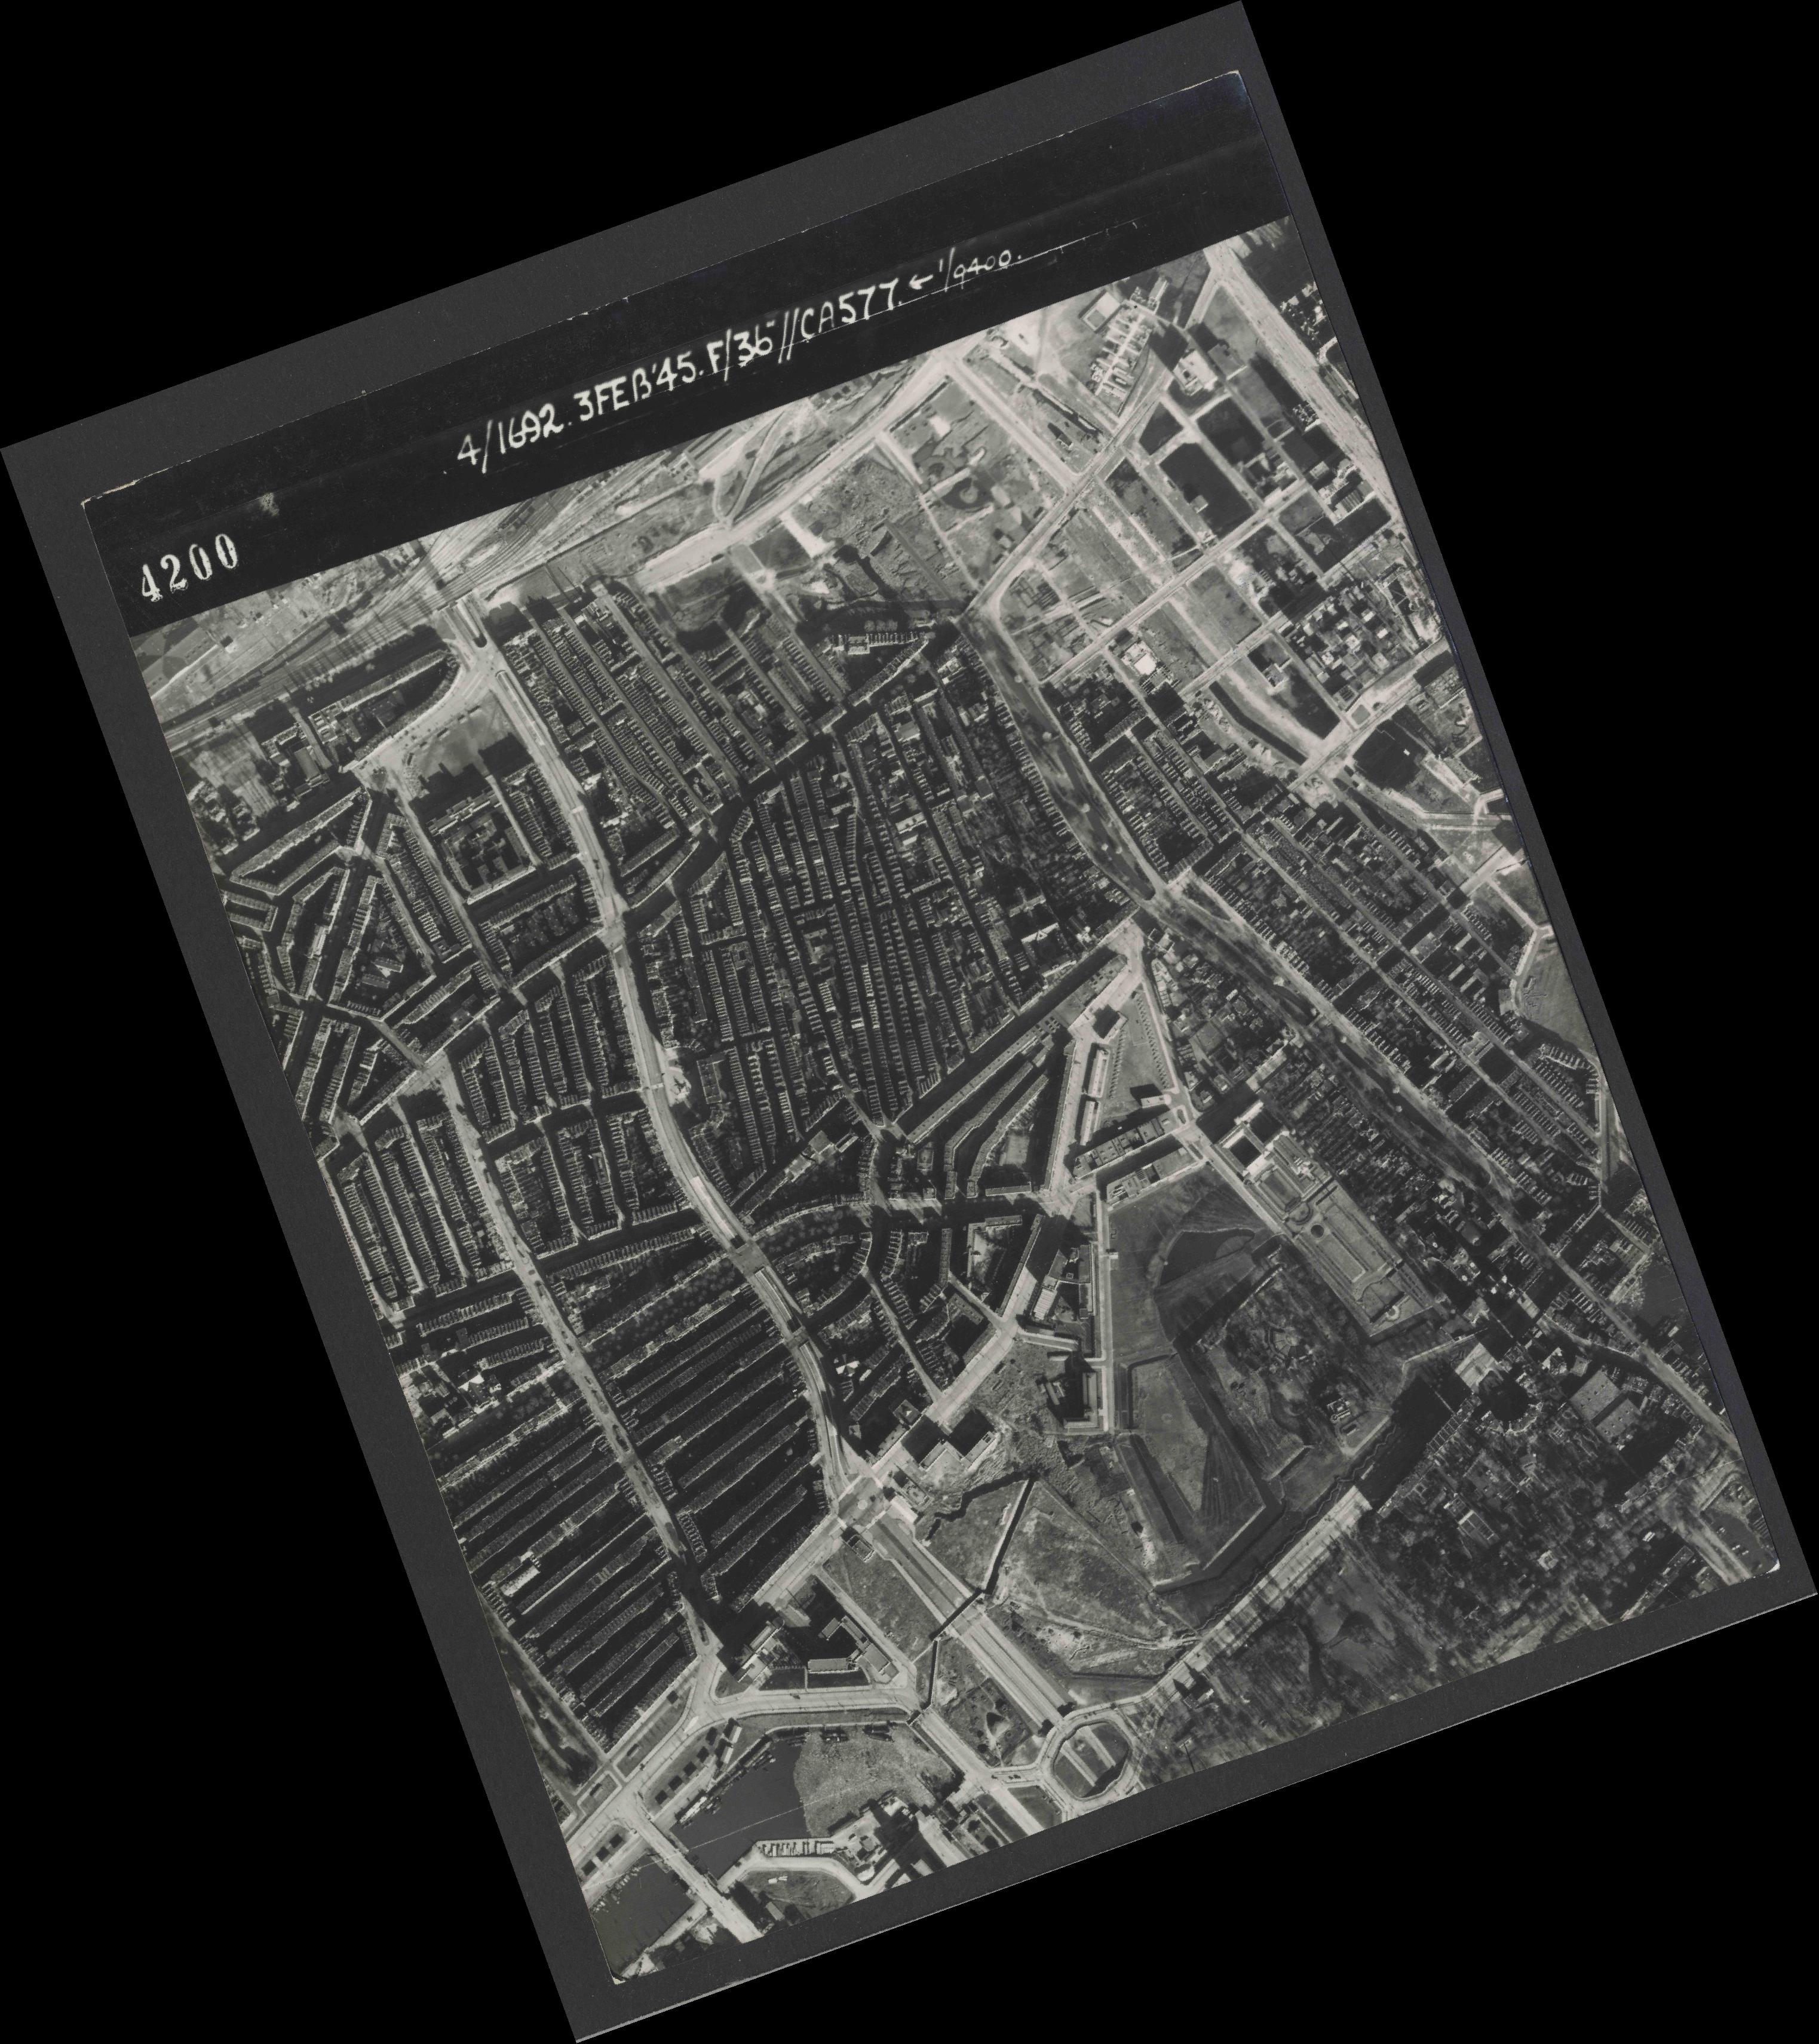 Collection RAF aerial photos 1940-1945 - flight 048, run 01, photo 4200